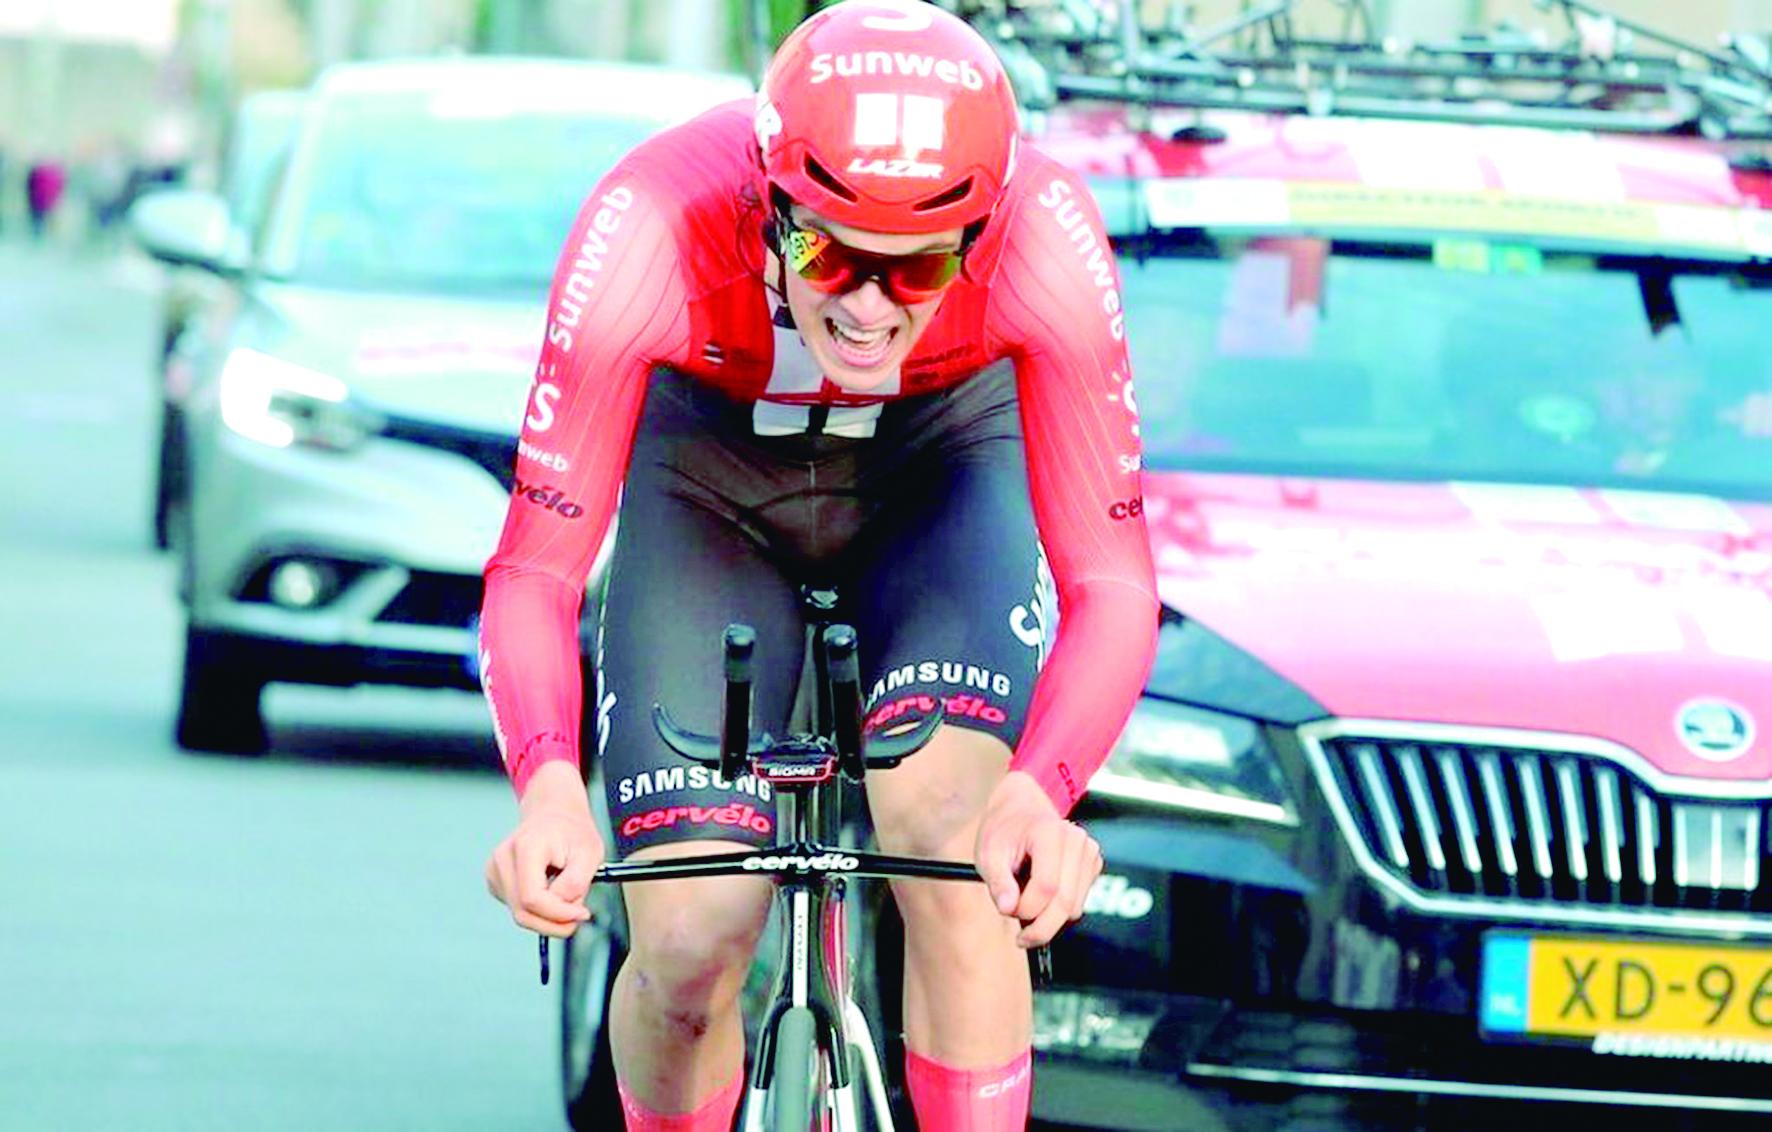 Ciclista queda parapléjico tras sufrir accidente | Deportes | EL FRENTE